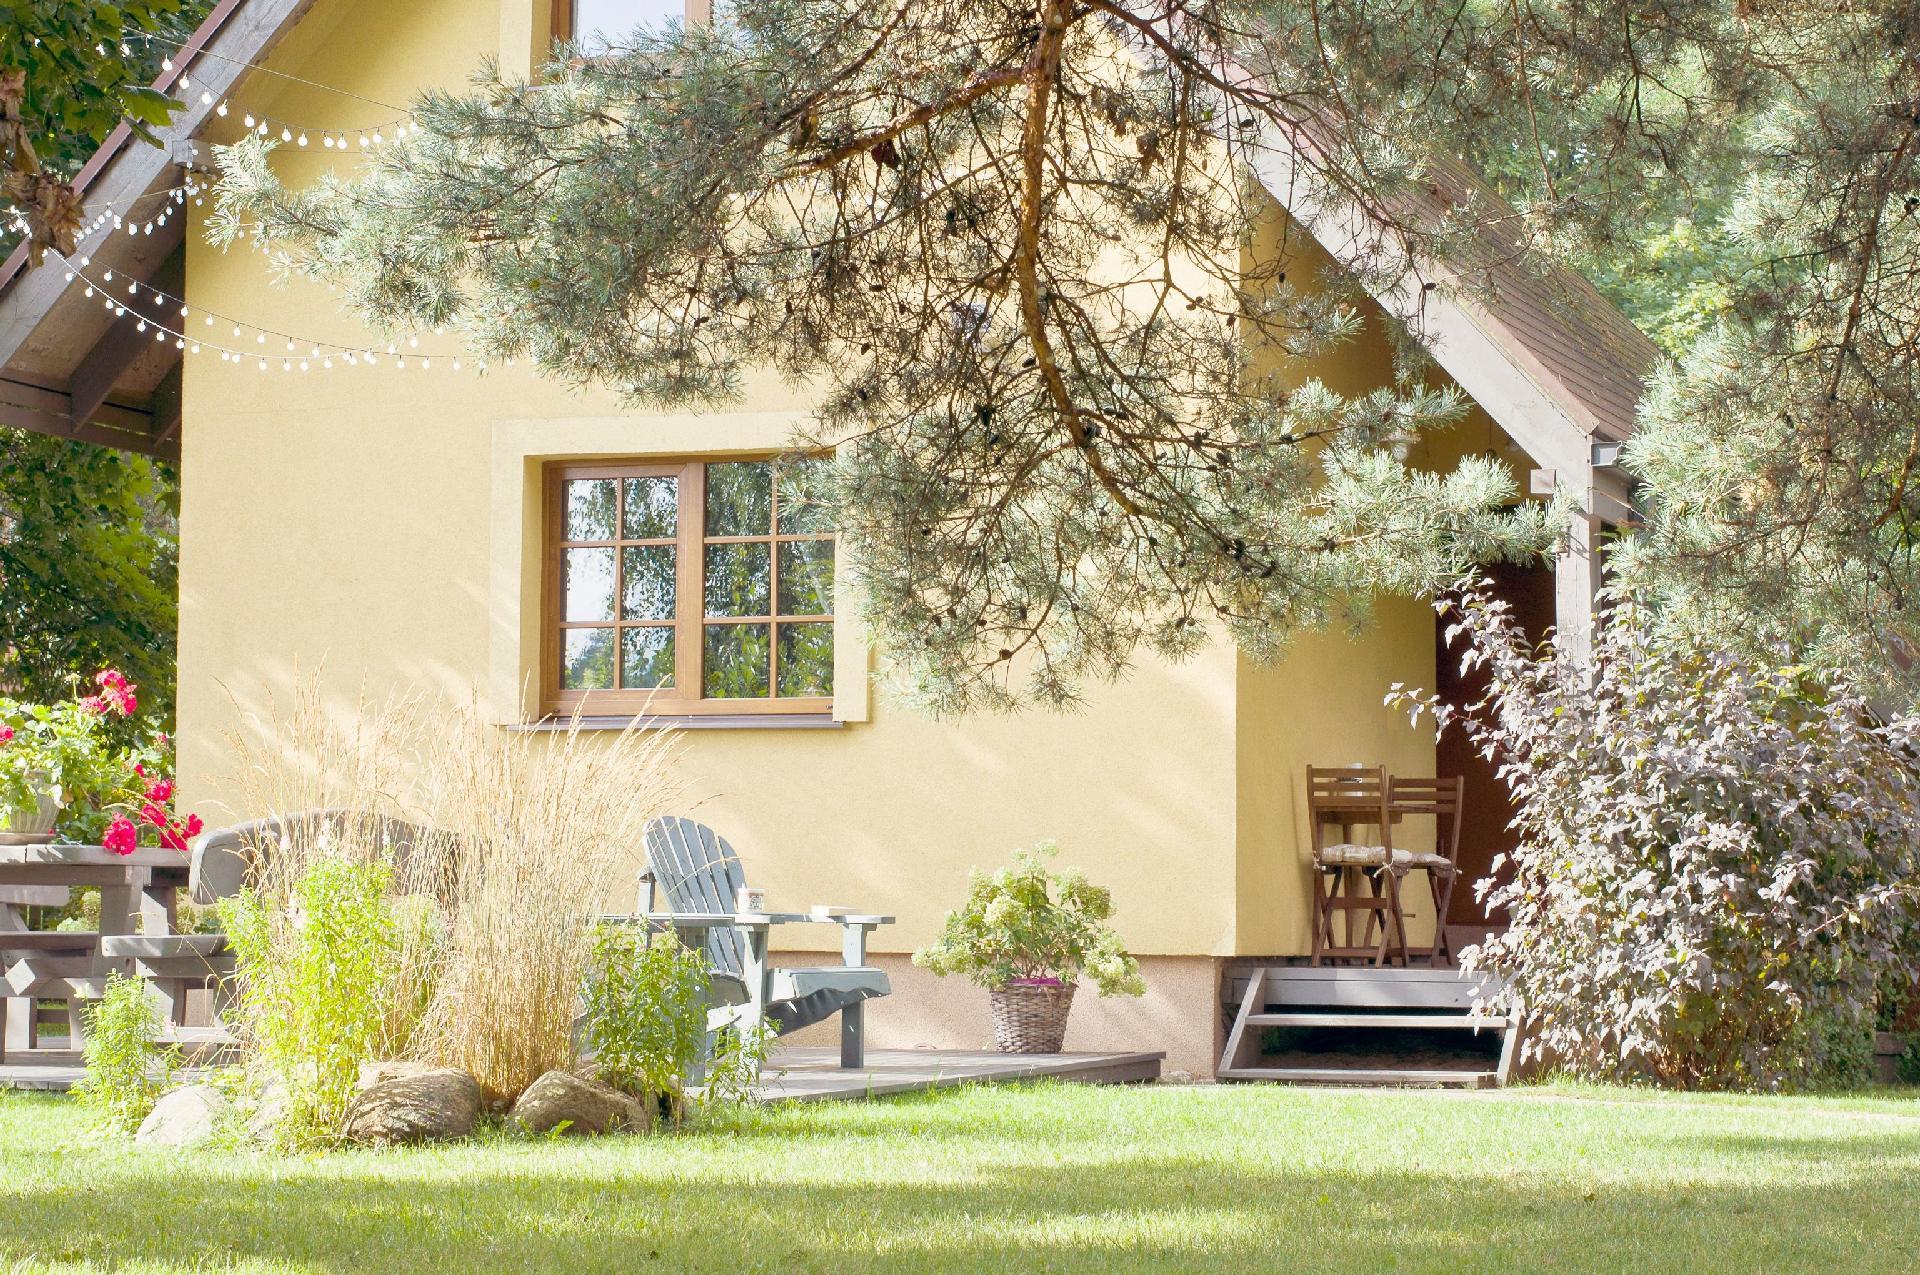 Ferienhaus mit rustikalem Charme und Garten auf abgeschlossenem Grundstück